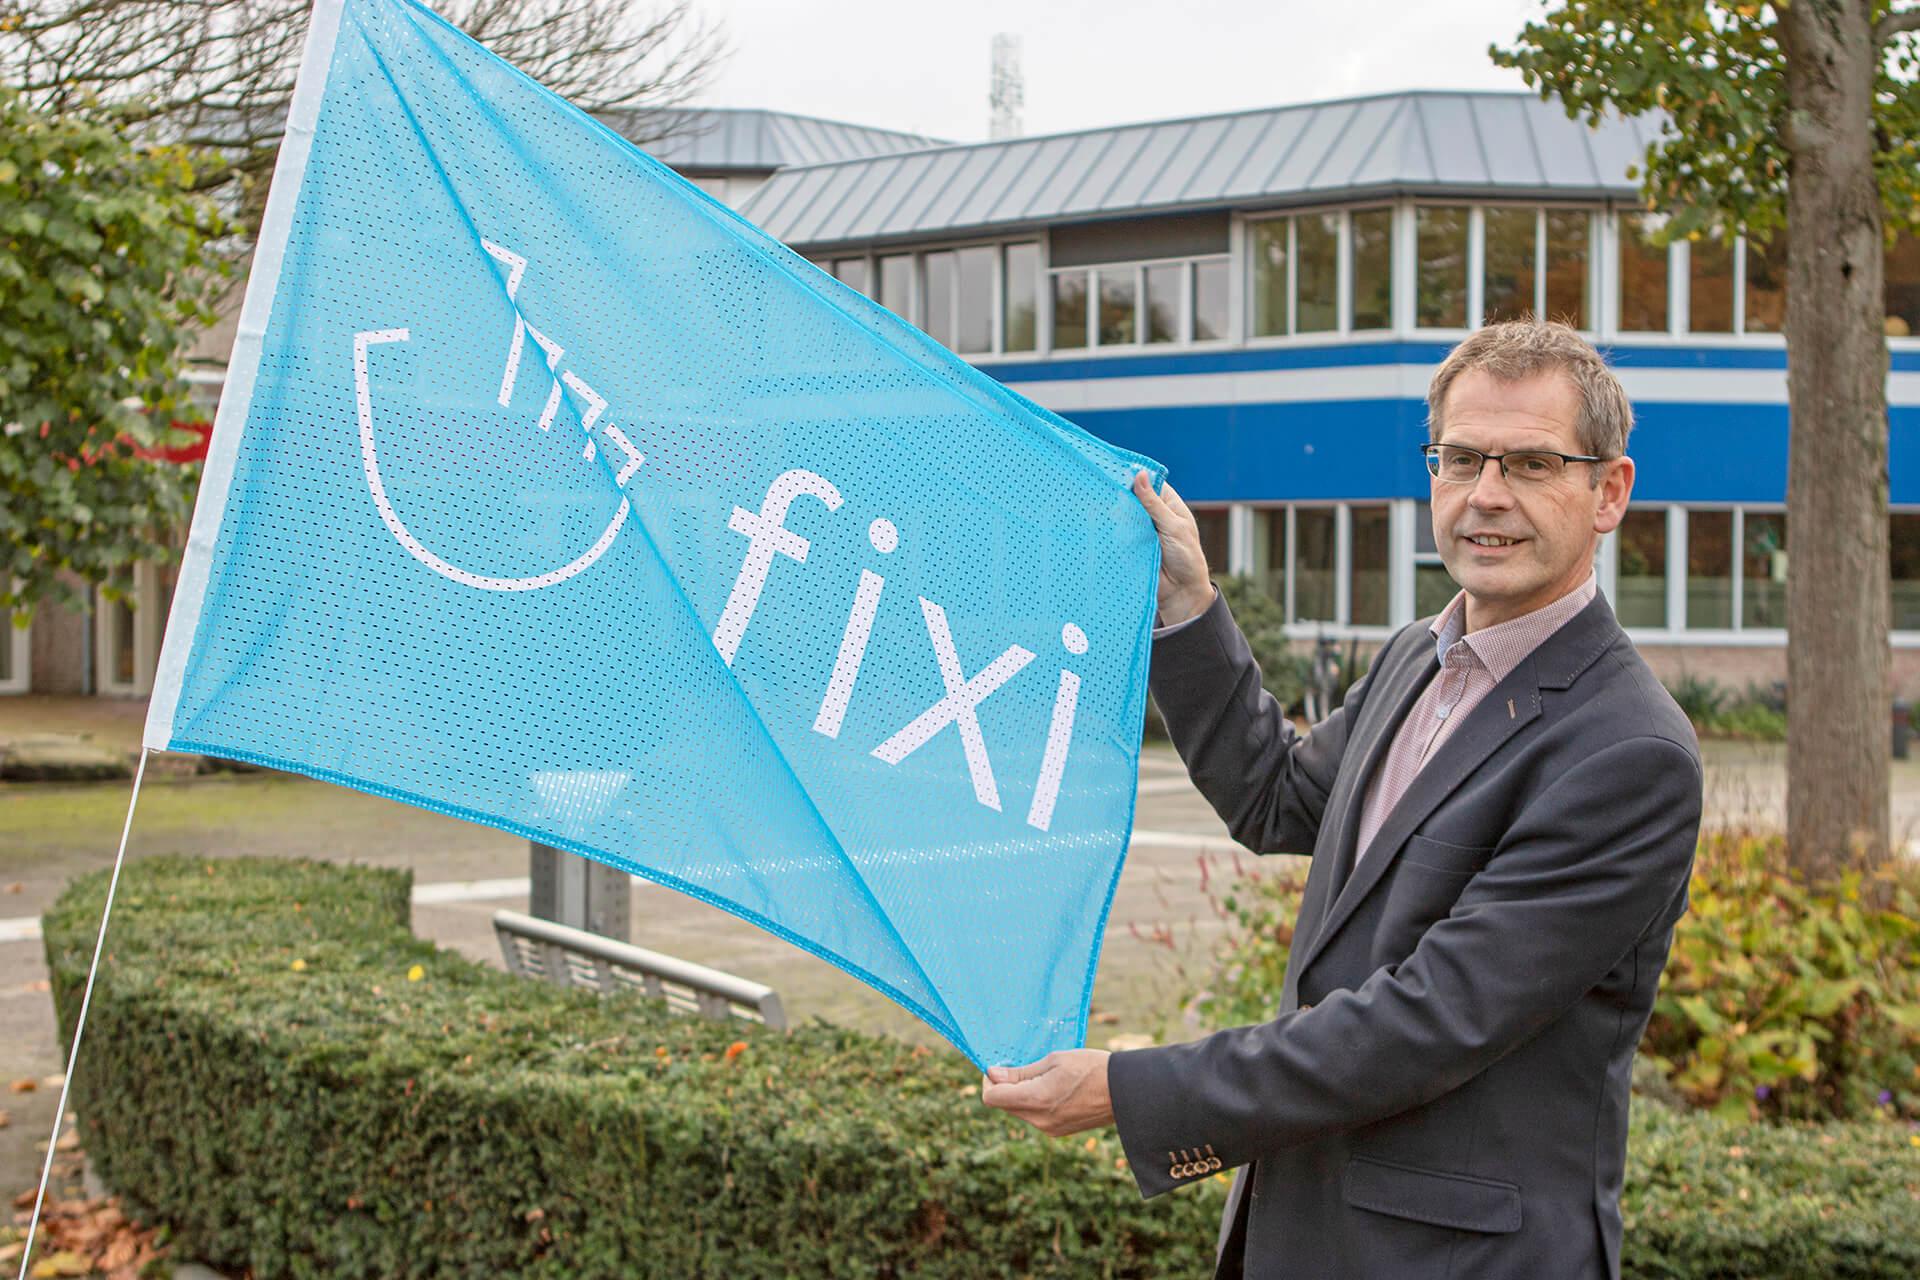 Hijs de vlag met Fixi